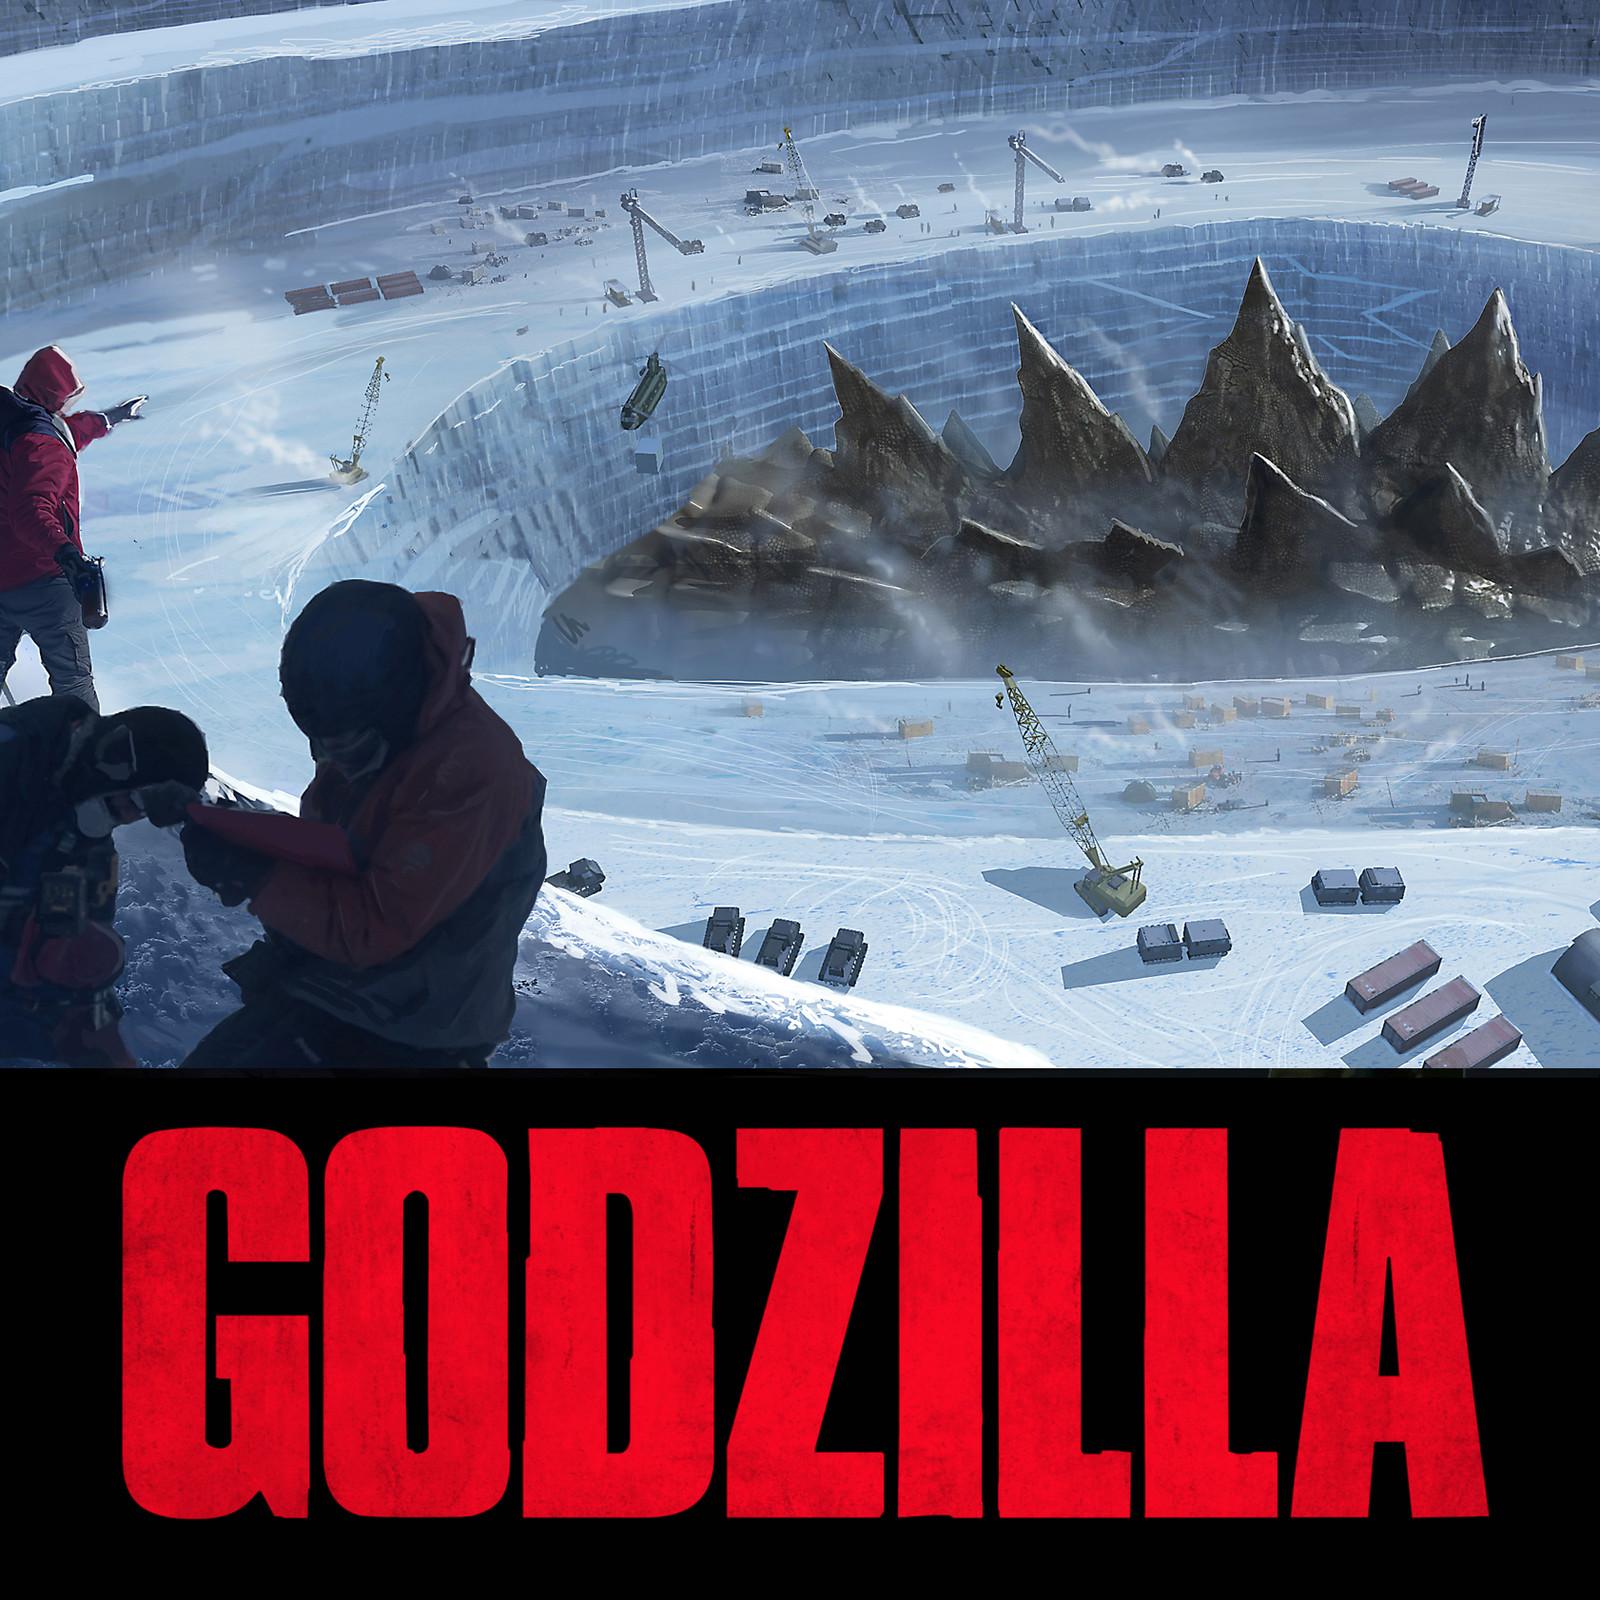 Ancient Godzilla discovery